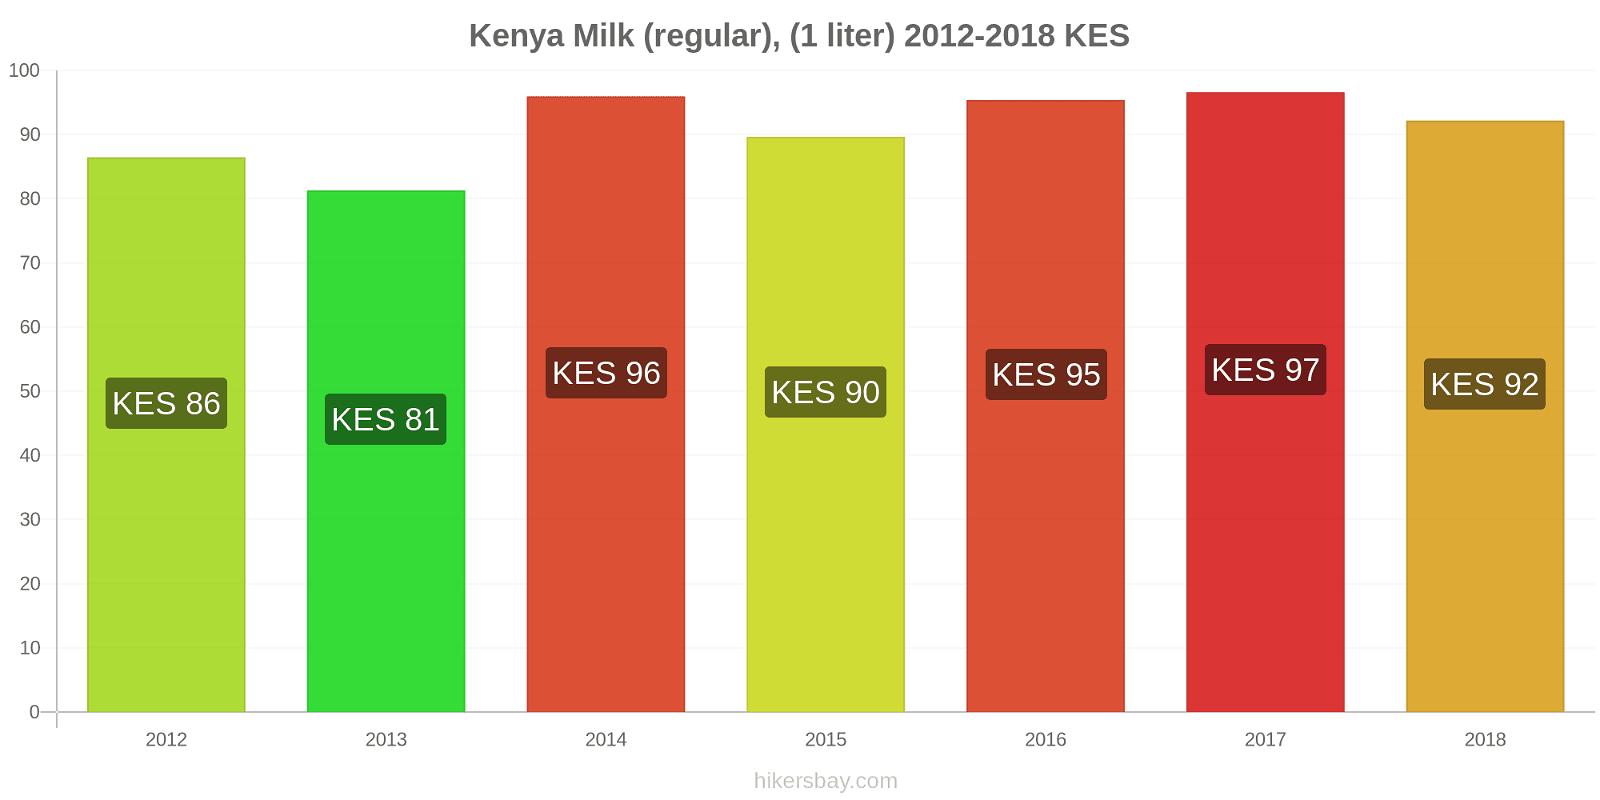 Kenya price changes Milk (regular), (1 liter) hikersbay.com